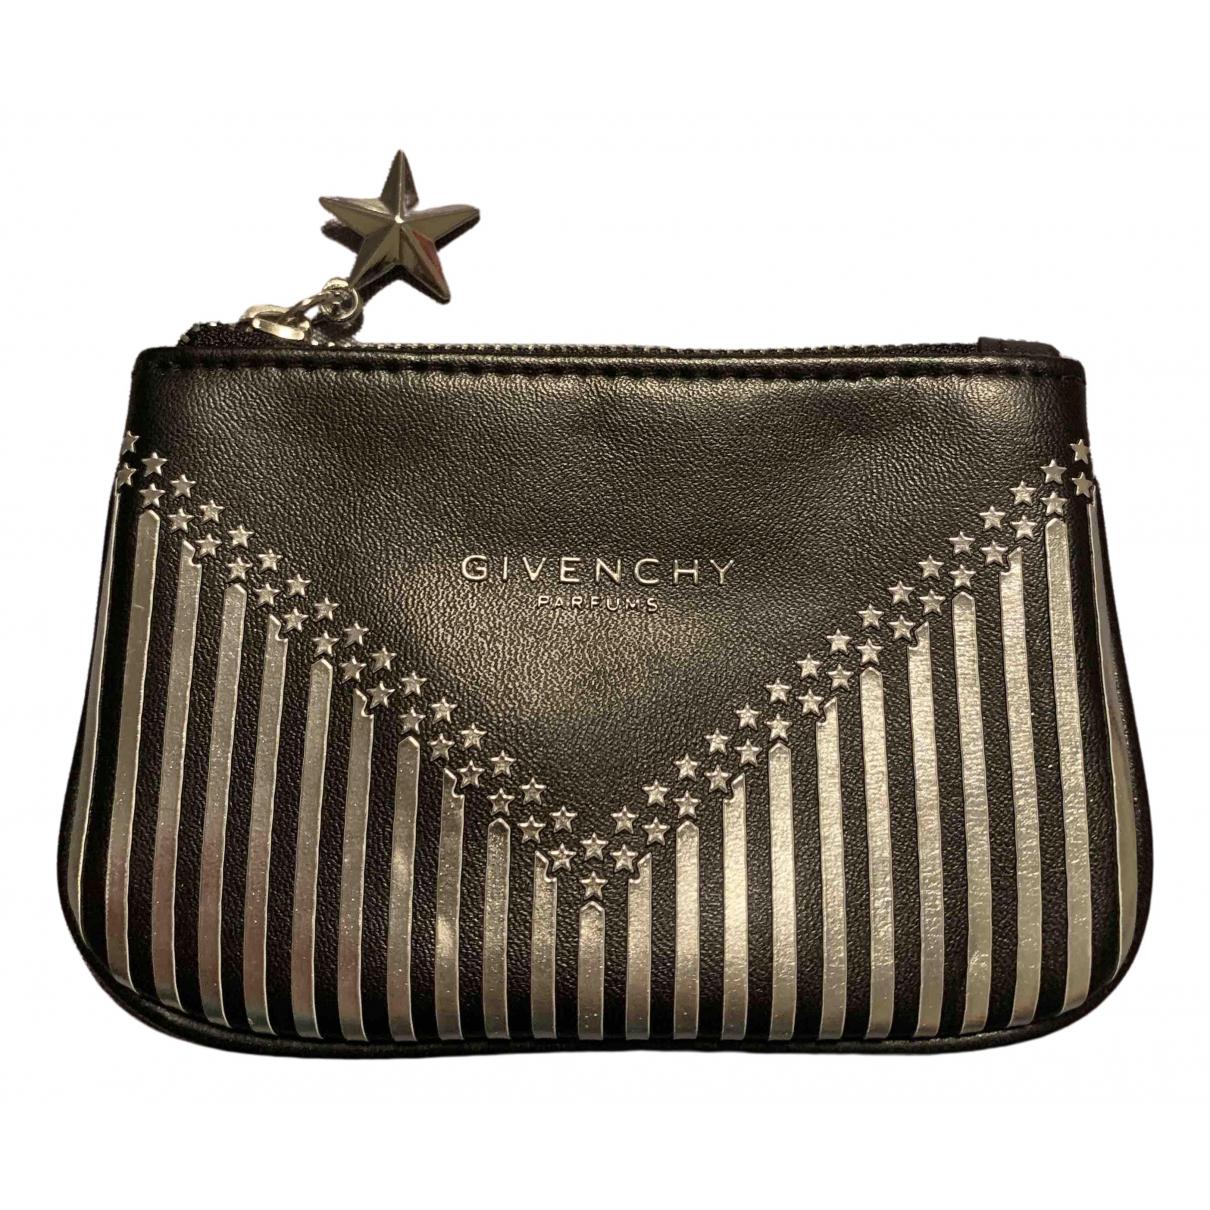 Givenchy \N Kleinlederwaren in  Schwarz Polyester